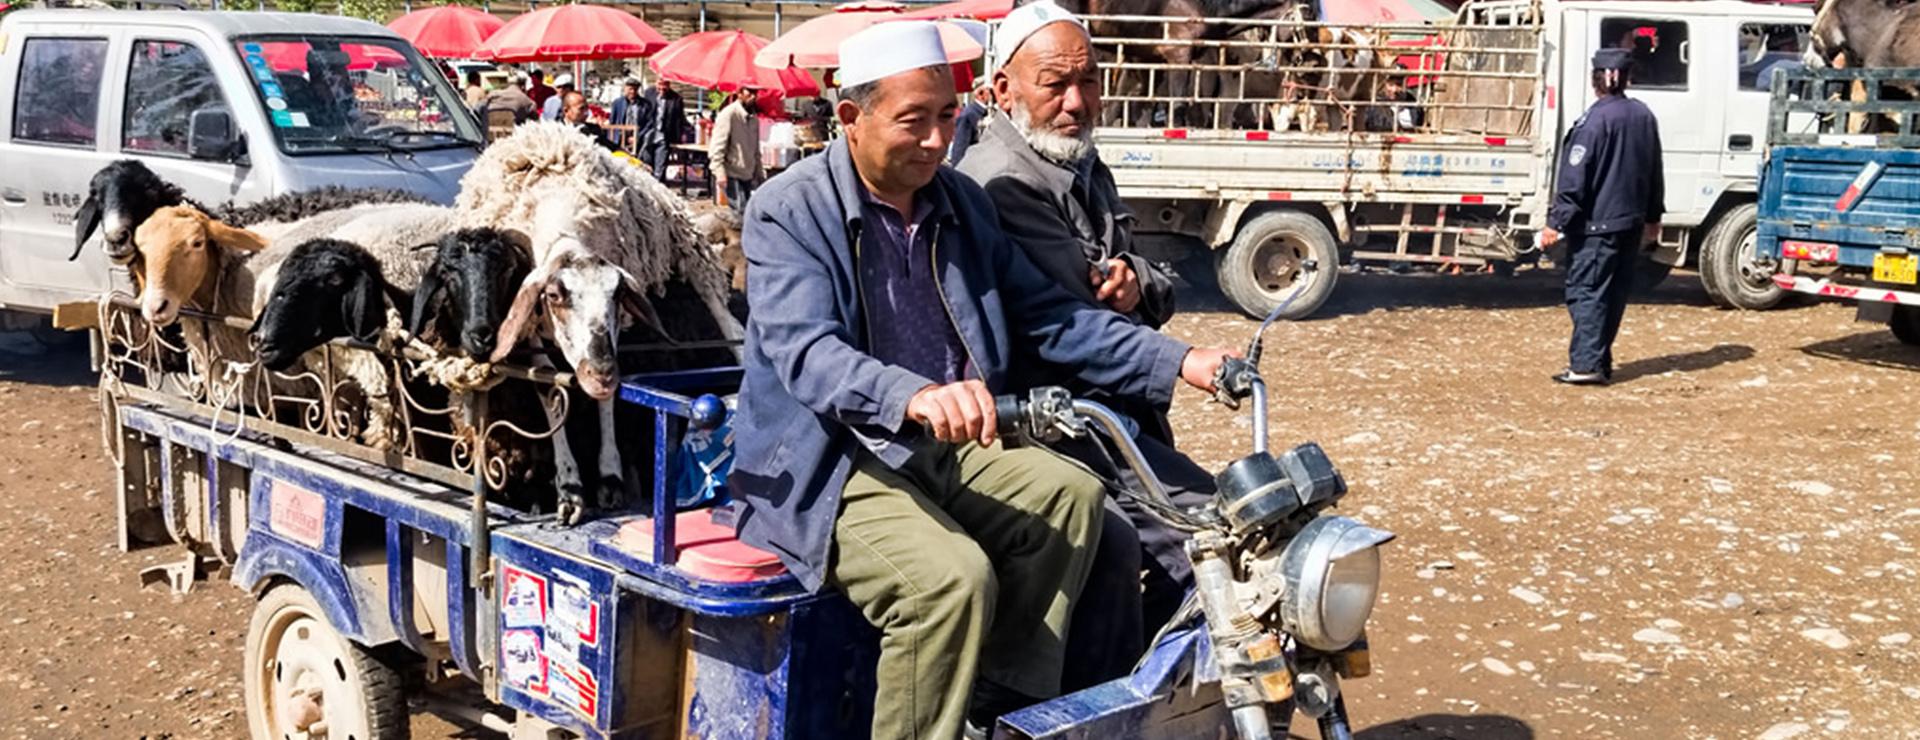 Sidenvagen – Kashgar